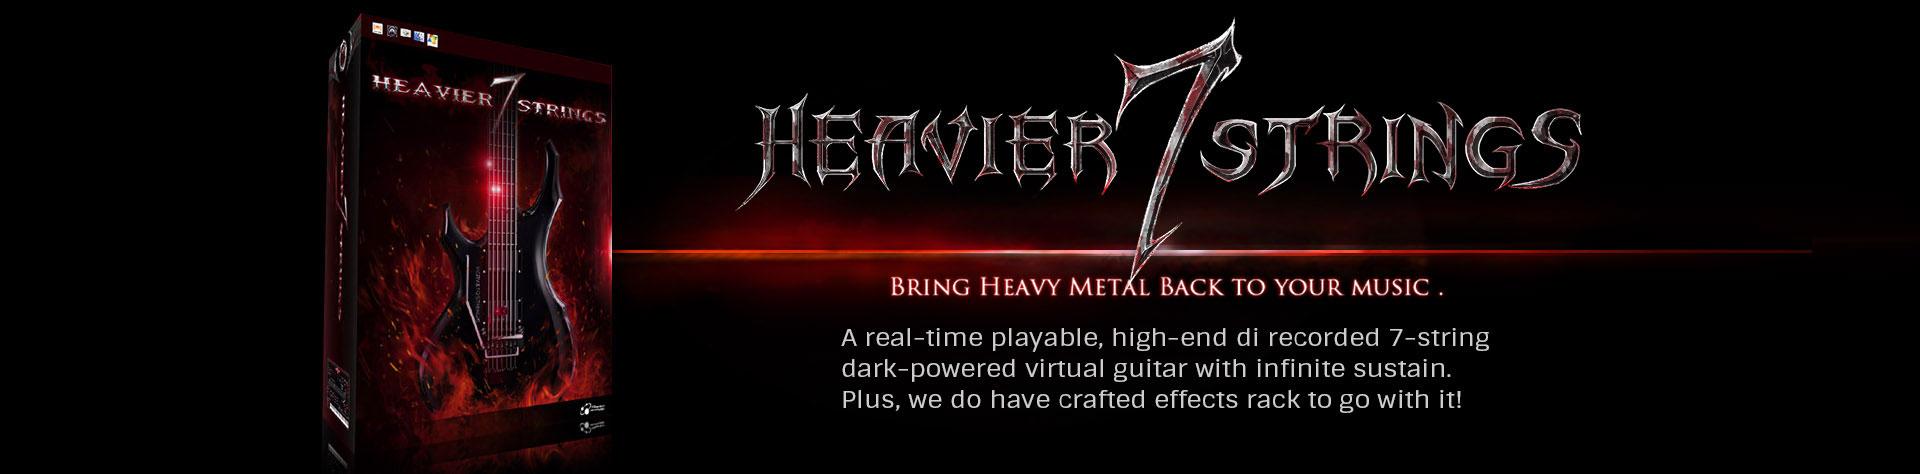 【40%OFF】ハードロックなどに最適な7弦ギター音源「Heavier 7 Strings」がブラックフライデーセール